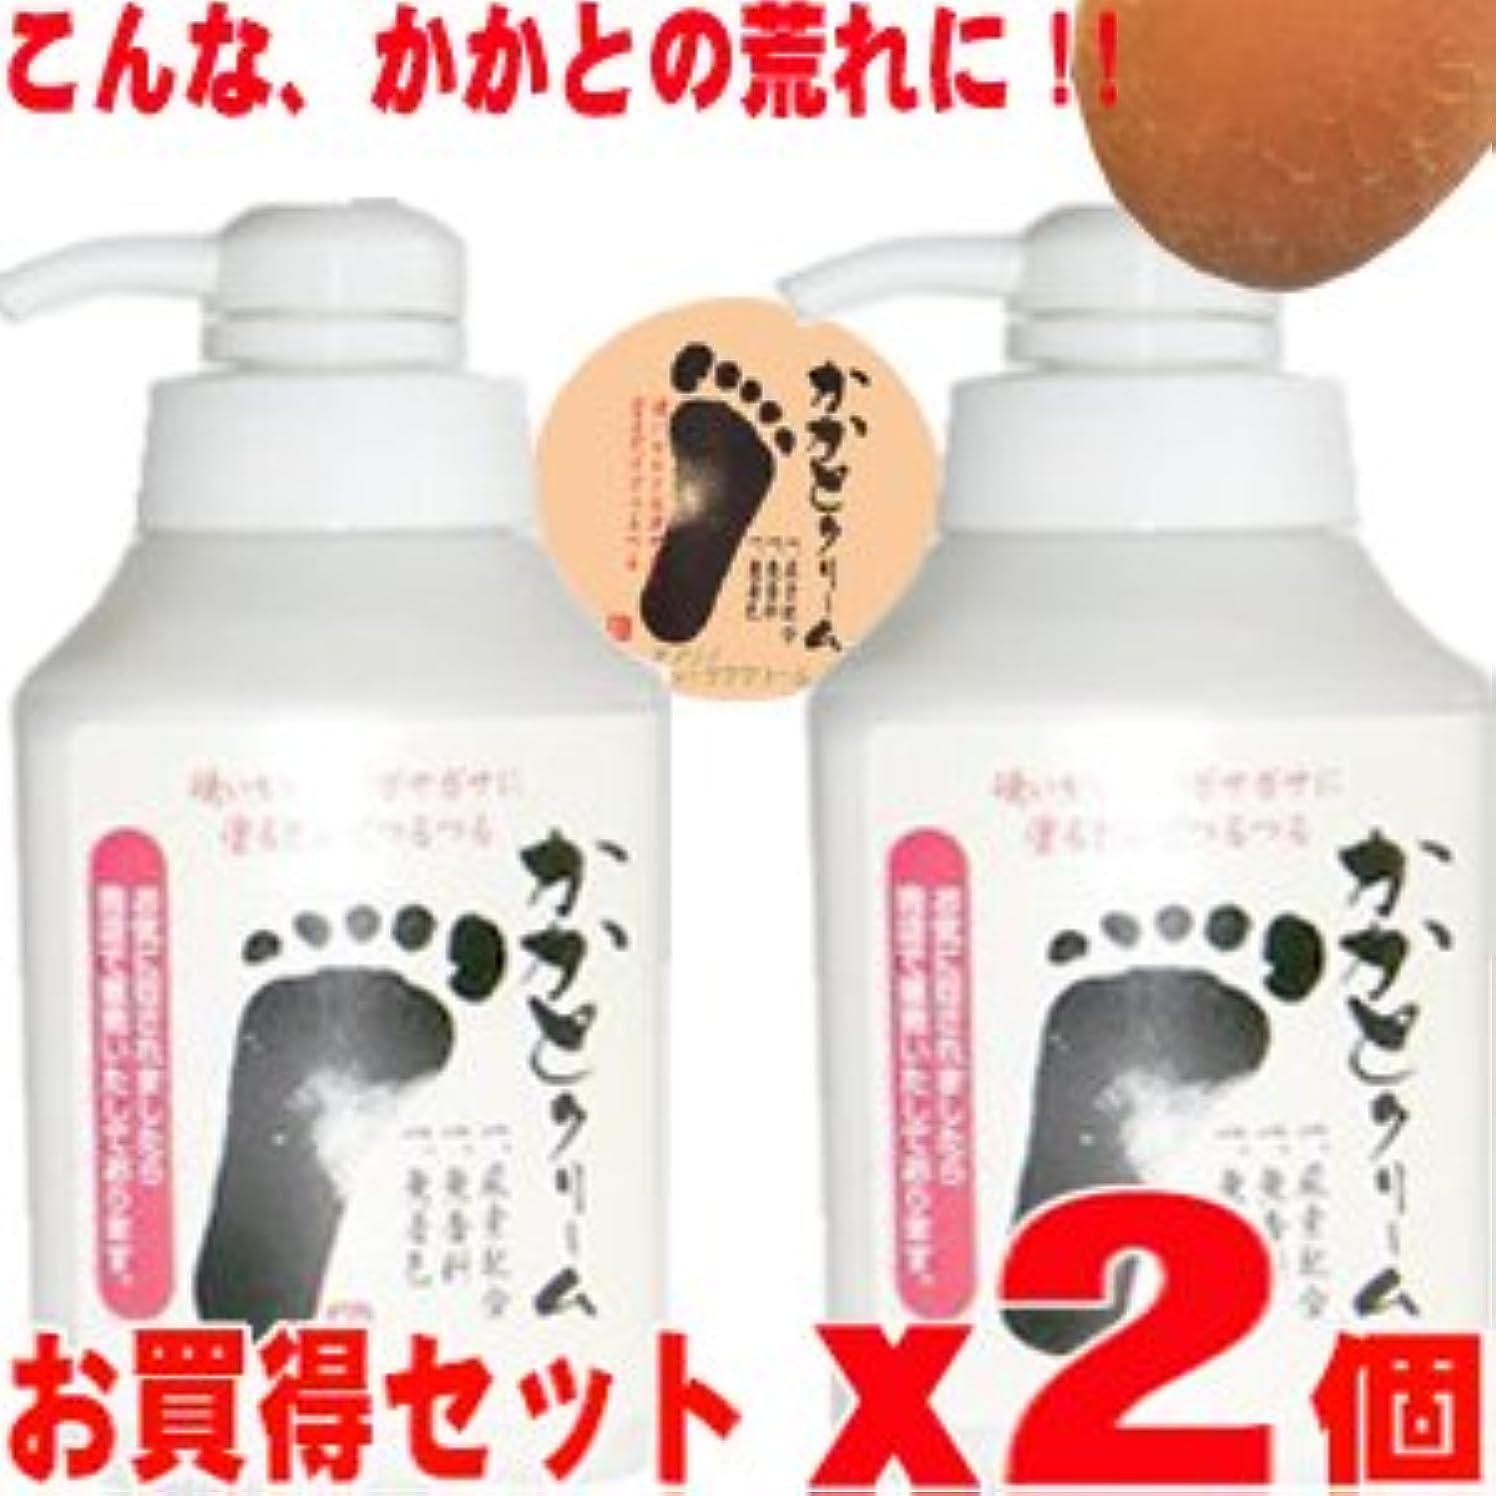 伝統占めるパイプライン【業務用】  アノソノ かかとクリーム 500g x 2本